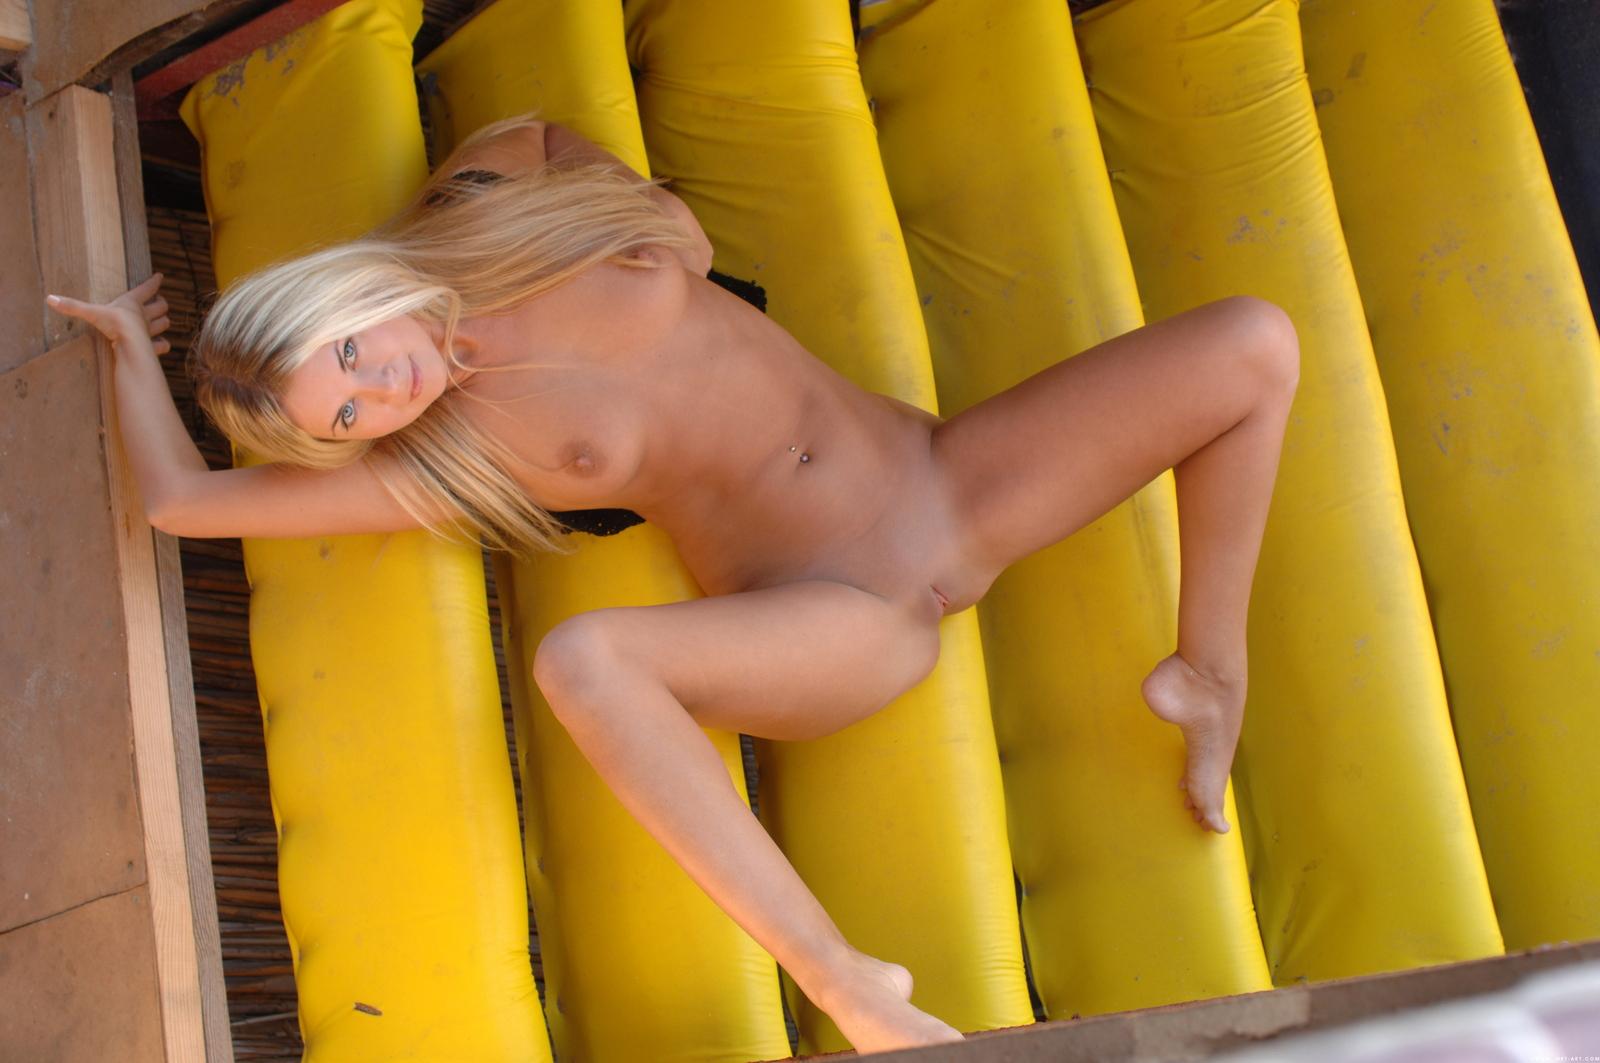 mira-a-beach-bar-blonde-naked-pussy-ass-metart-32